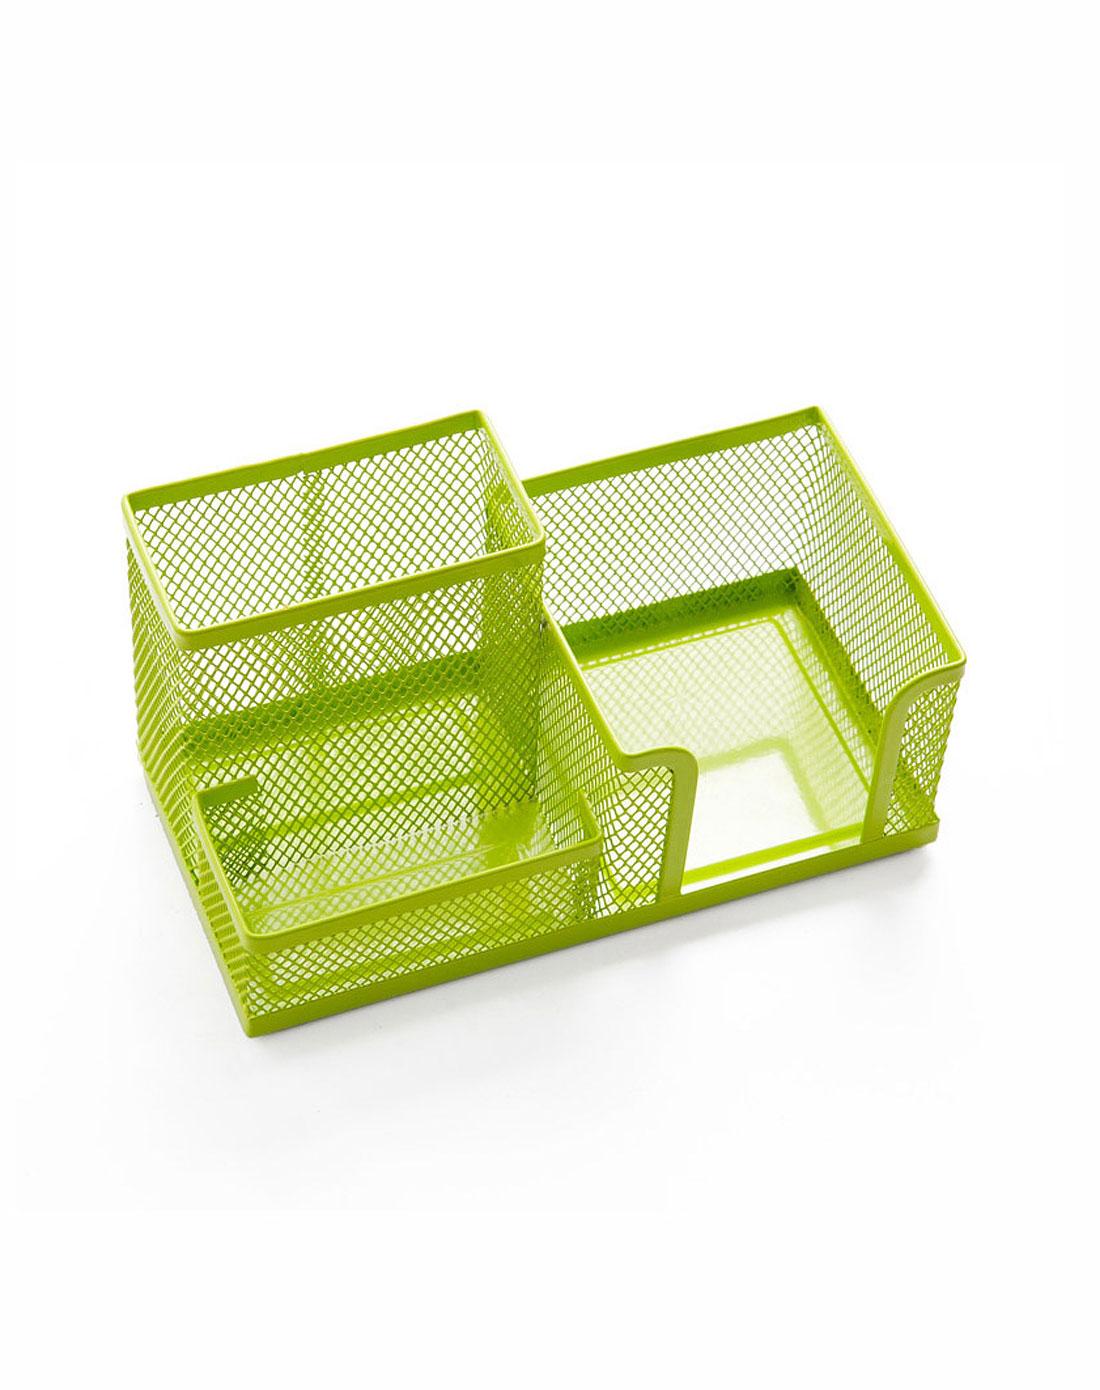 [ 萱泽 ] 办公桌文具整理盒-绿色